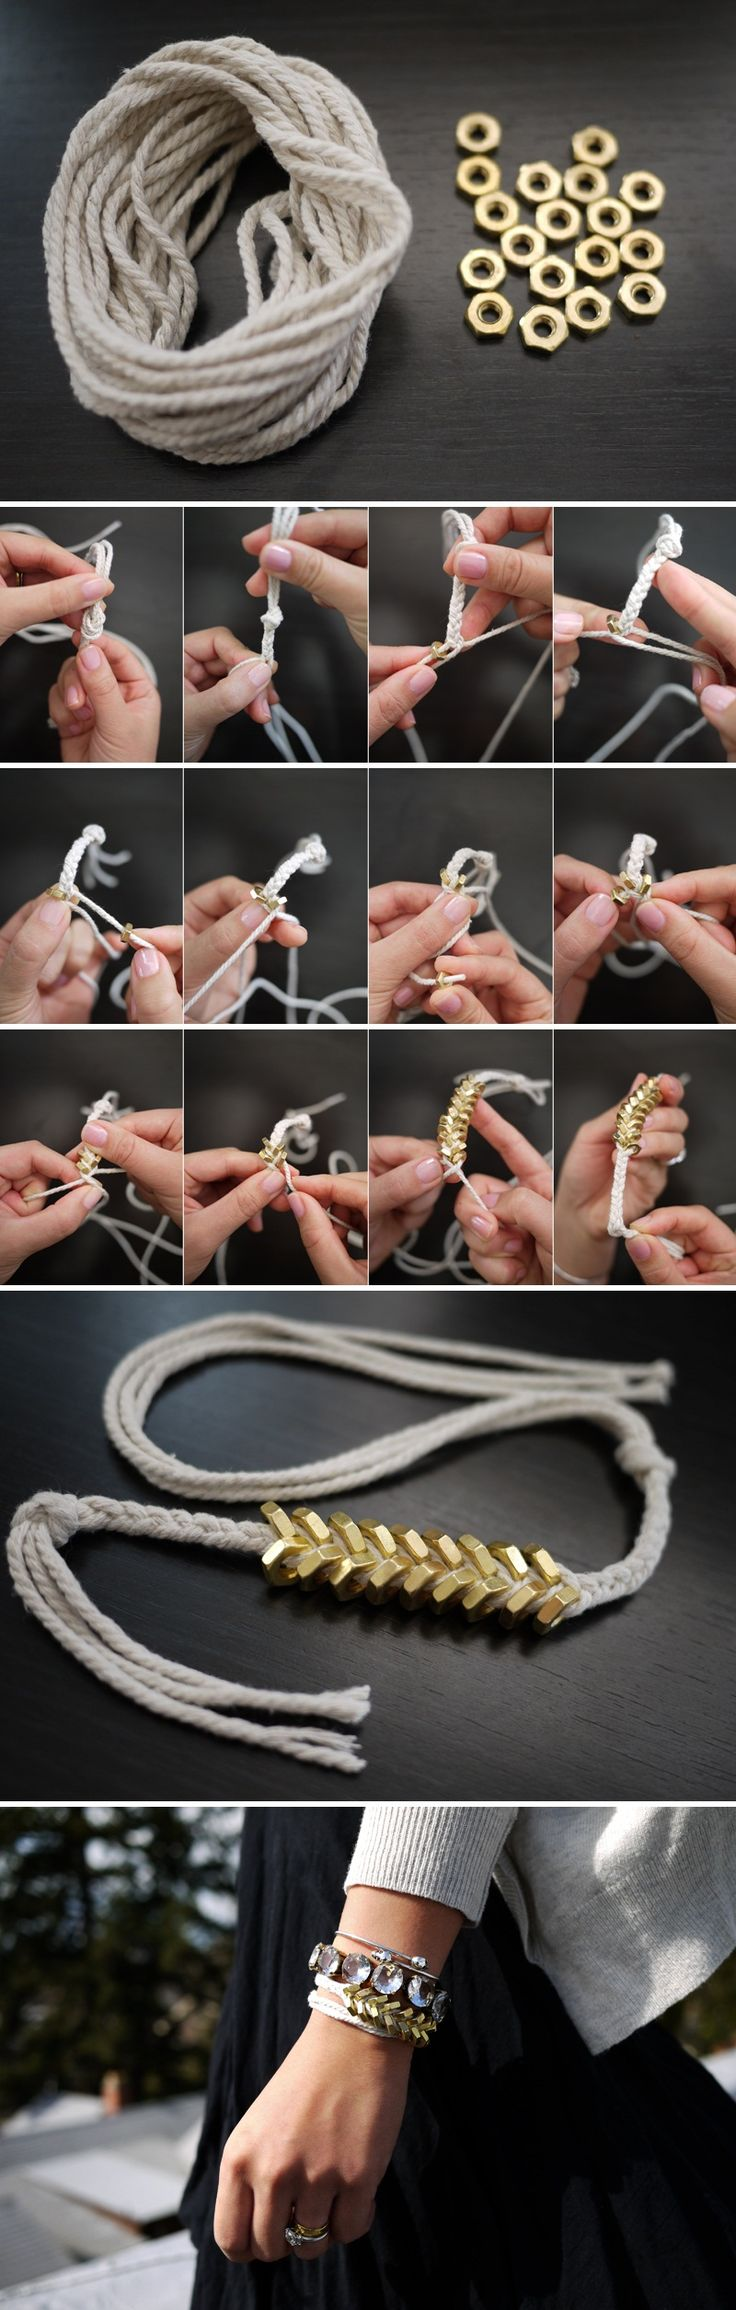 DIY jewelry   braided  bracelet tutorial